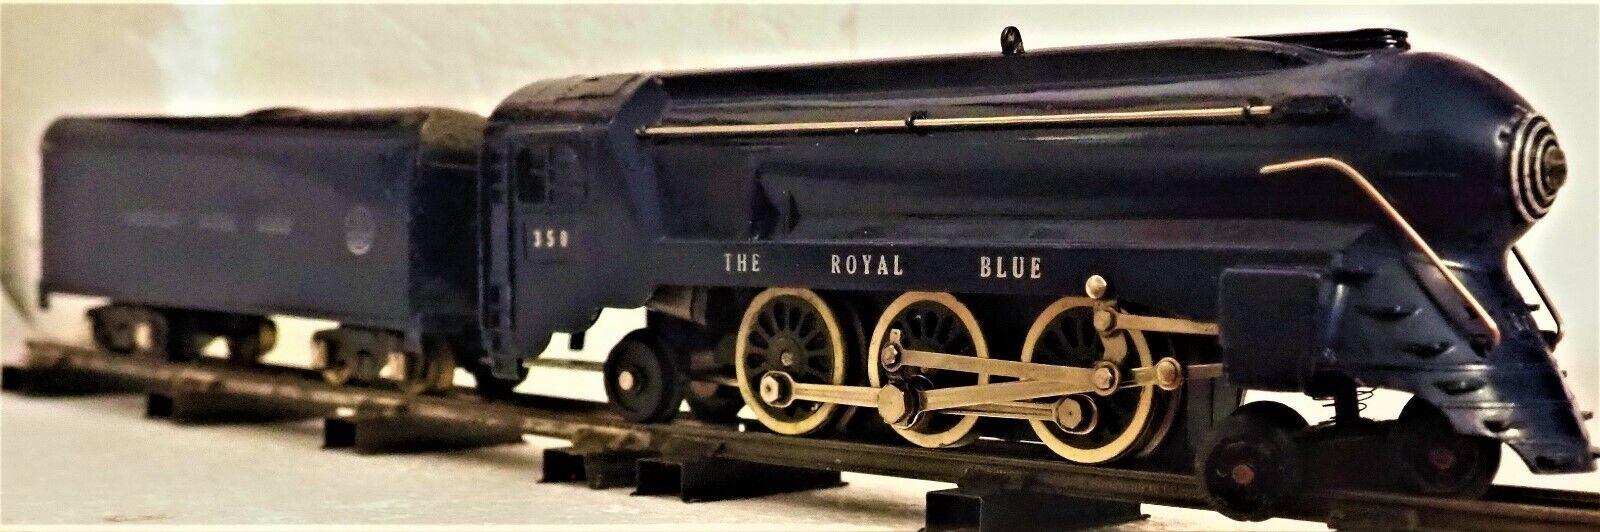 mejor moda Clásico, Clásico, Clásico, American Flyer temprano 1948 350 , la locomotora azul real , se ejecuta ex.  barato y de alta calidad